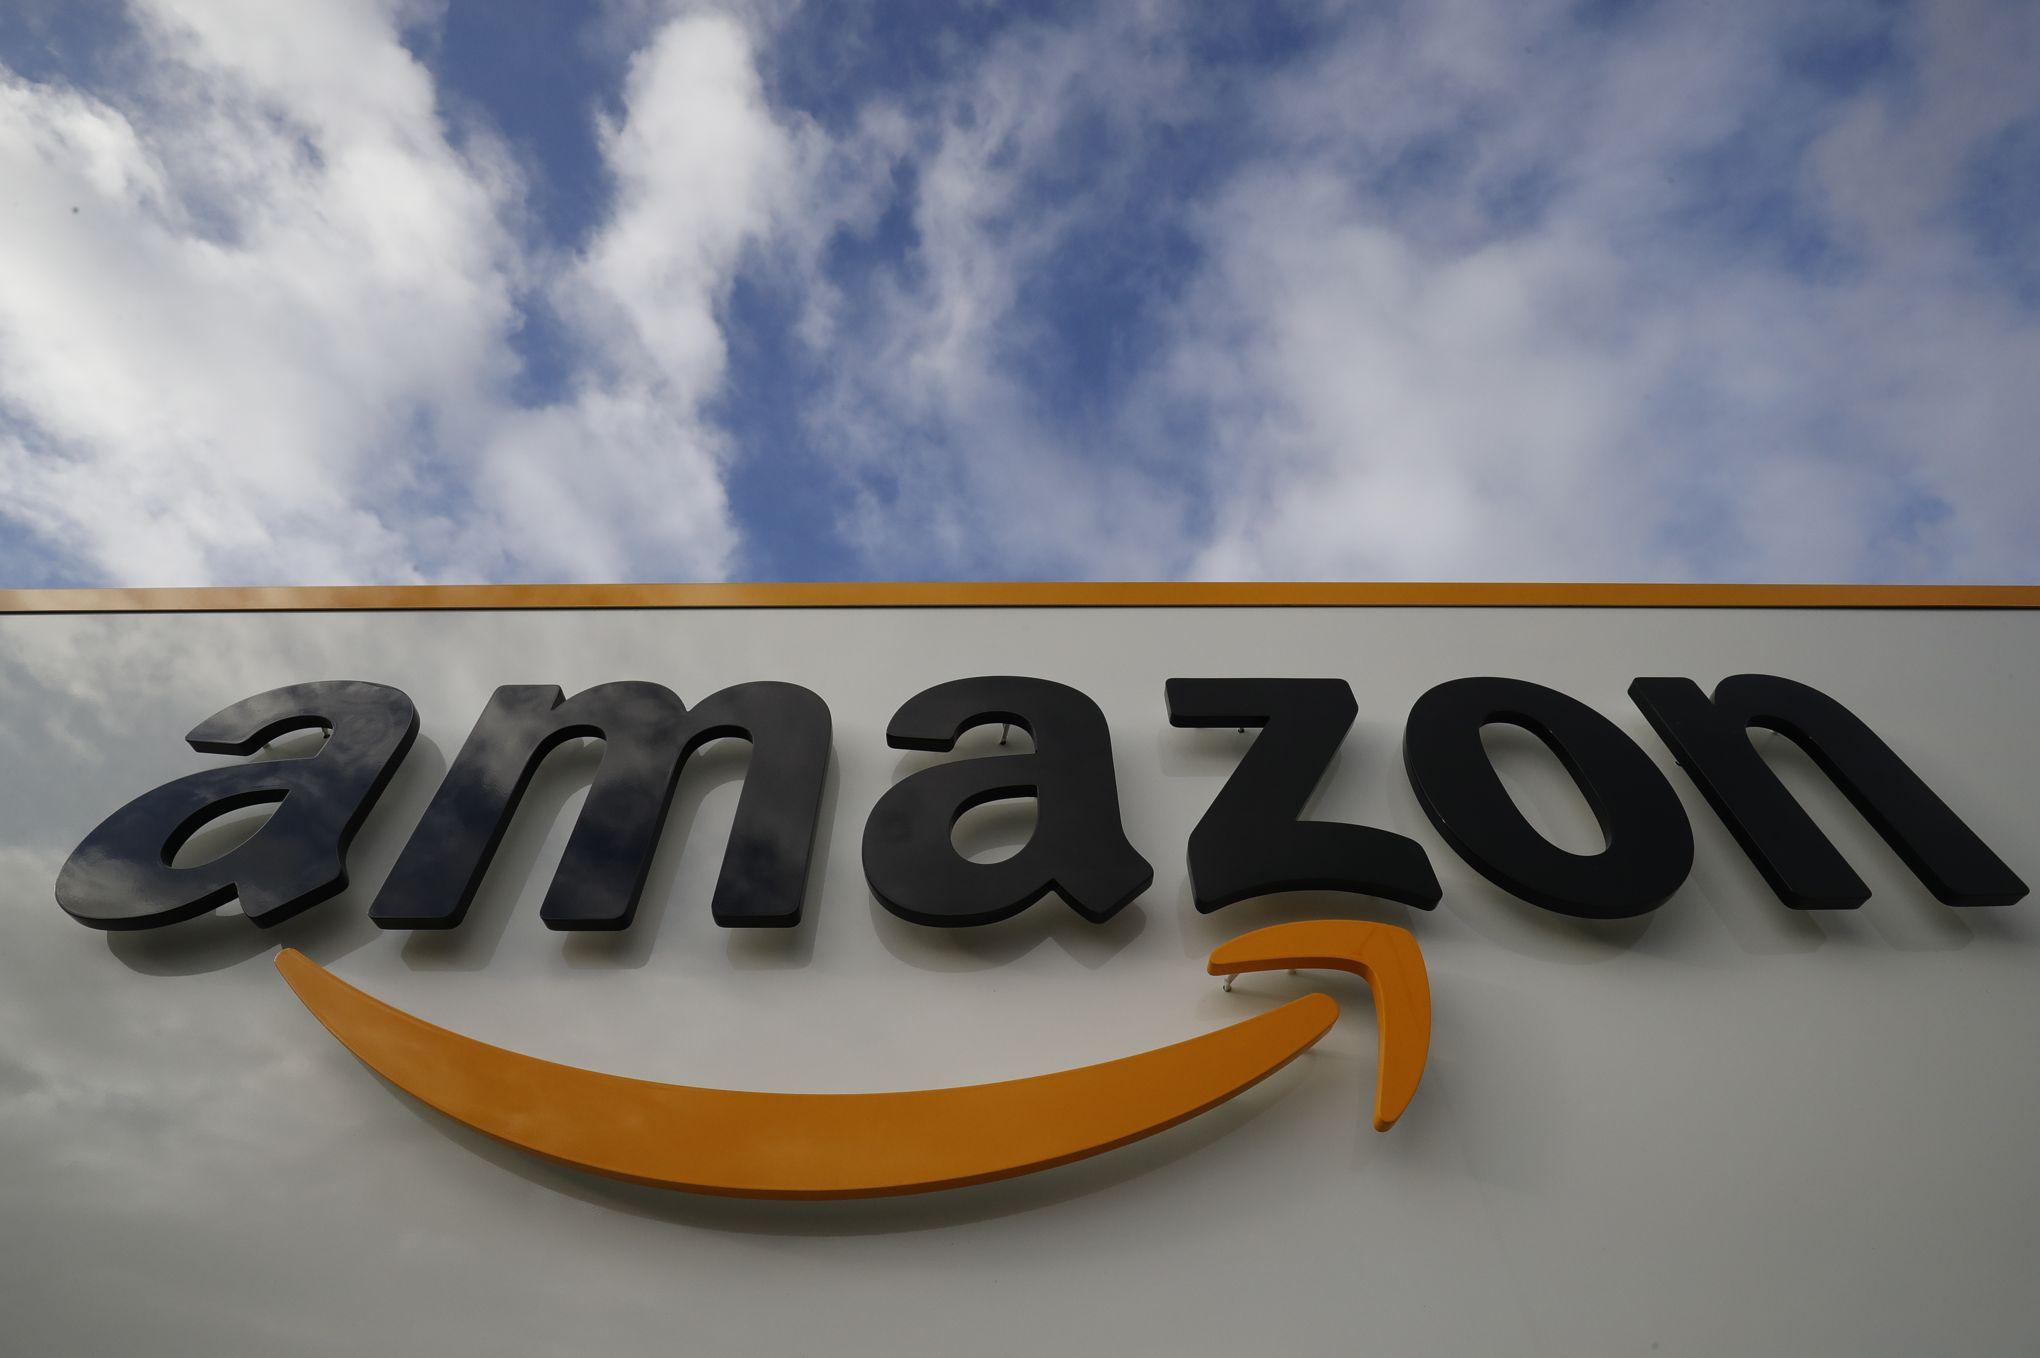 meilleur sélectionner pour l'original jolie et colorée Impôts: Amazon assure payer 250 millions d'euros en France